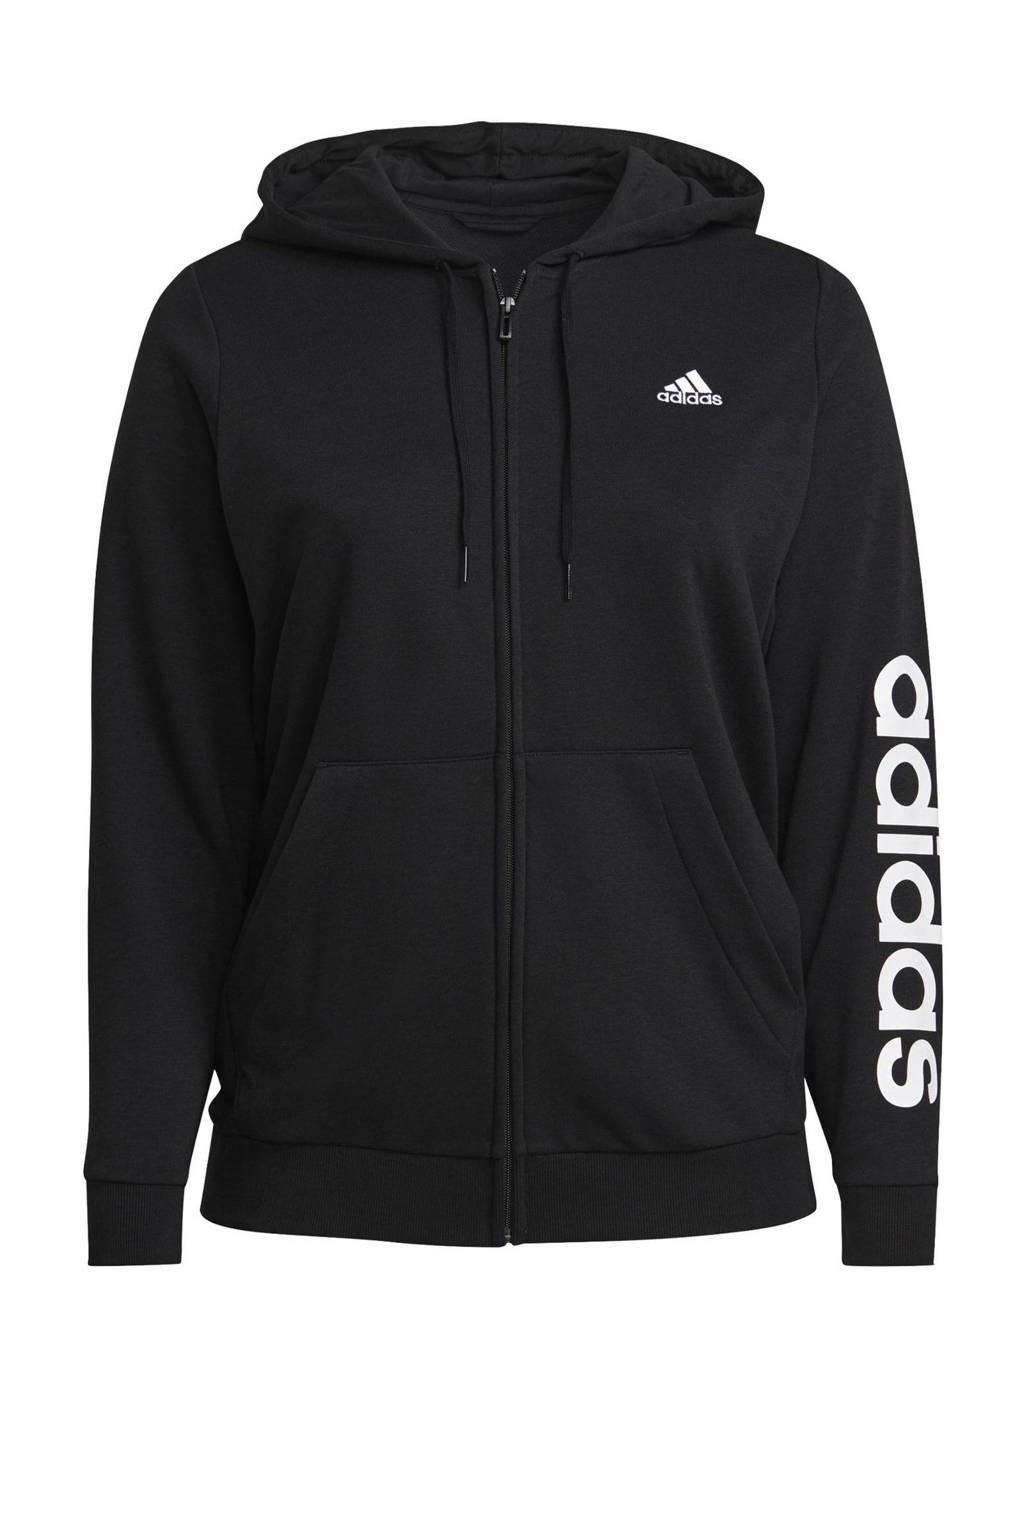 adidas Performance Plus Size sportvest zwart/wit, Zwart/wit